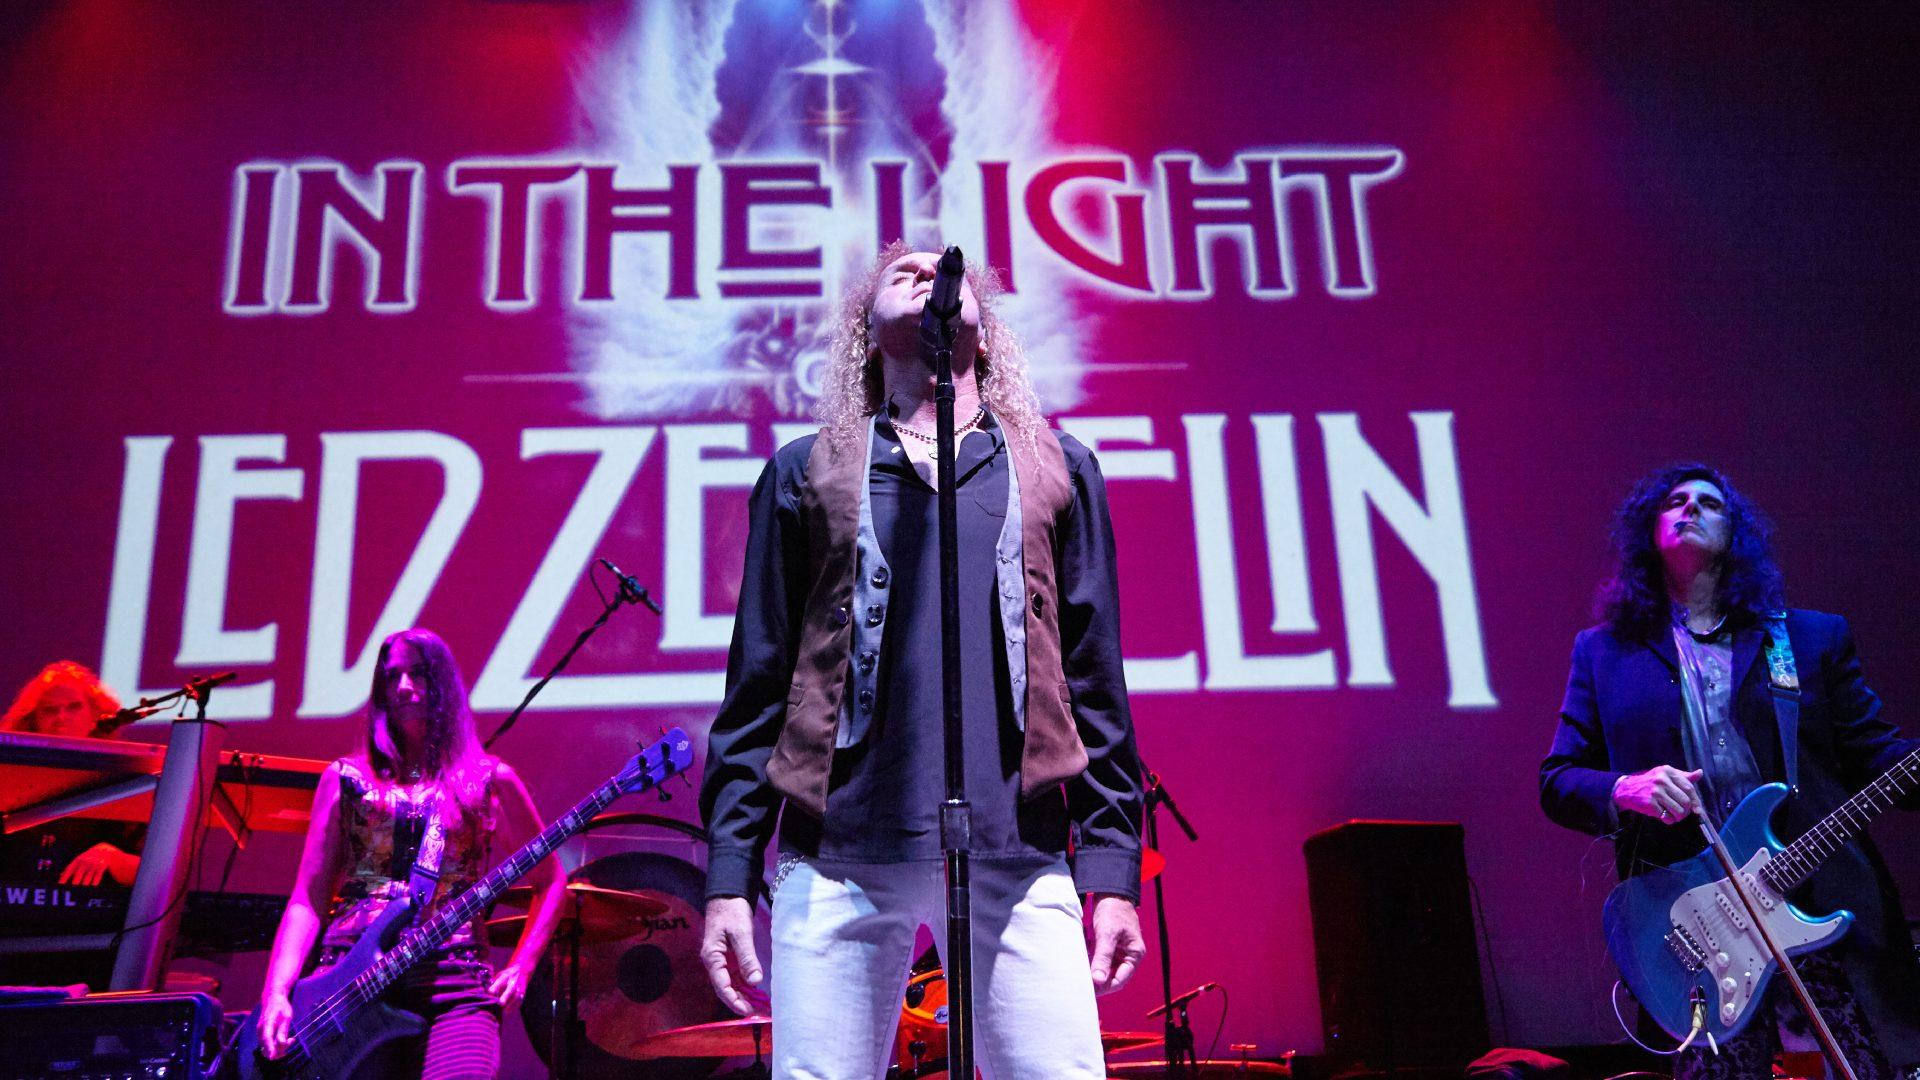 In the Light of Led Zeppelin